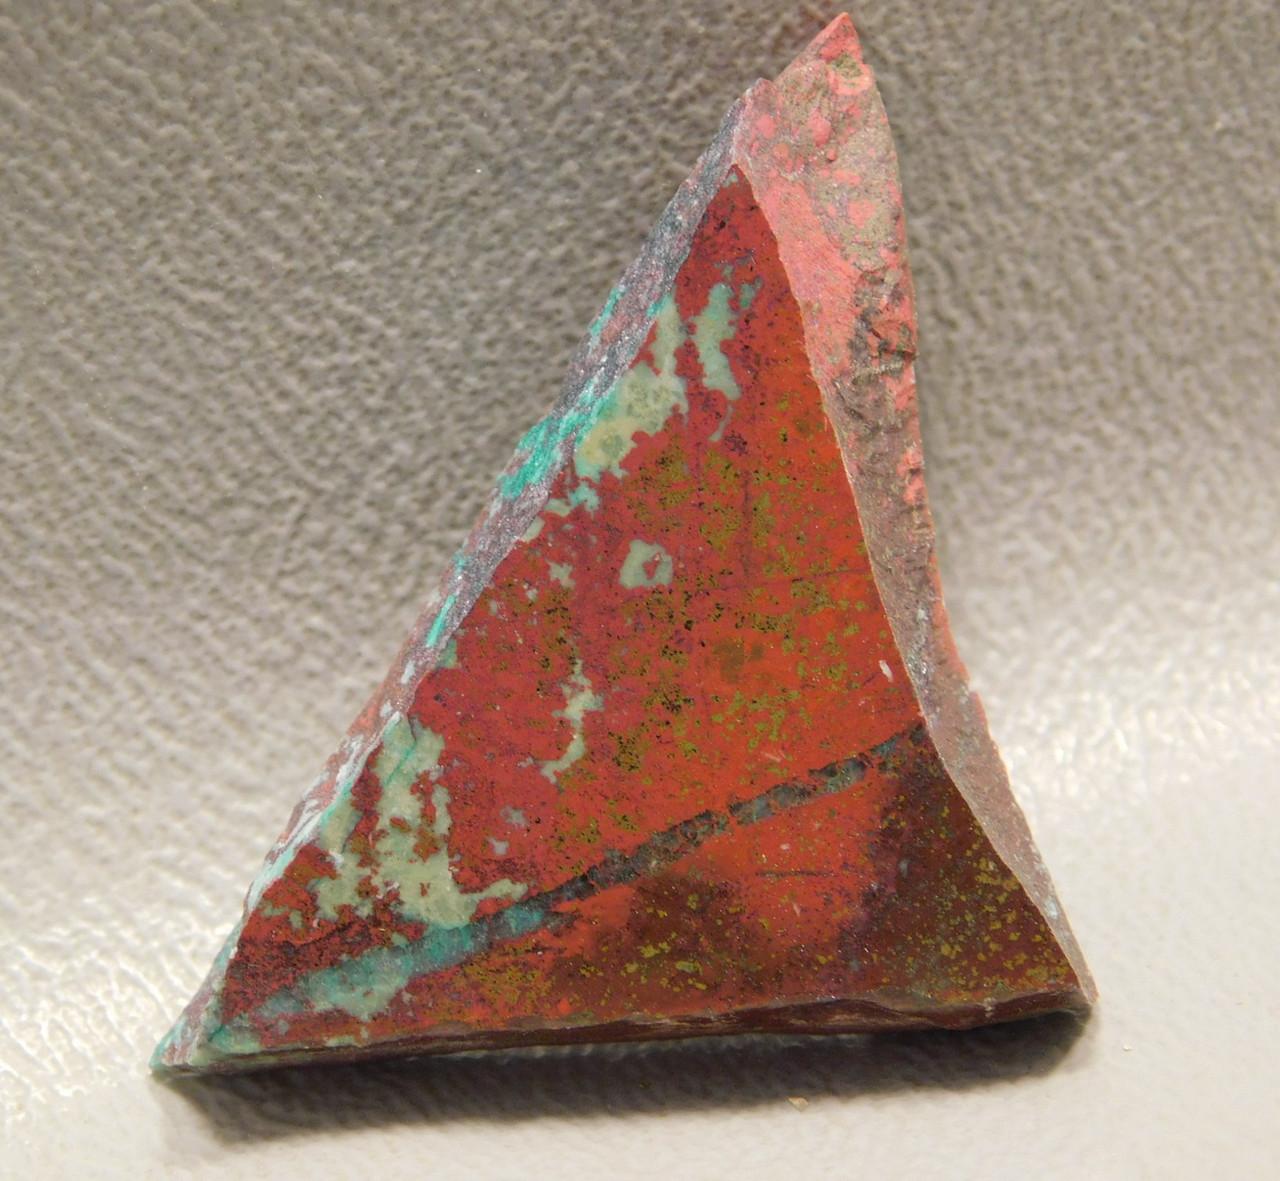 Sonora Sunset Polished Slab Stone Freeform Organic Shaped #S13